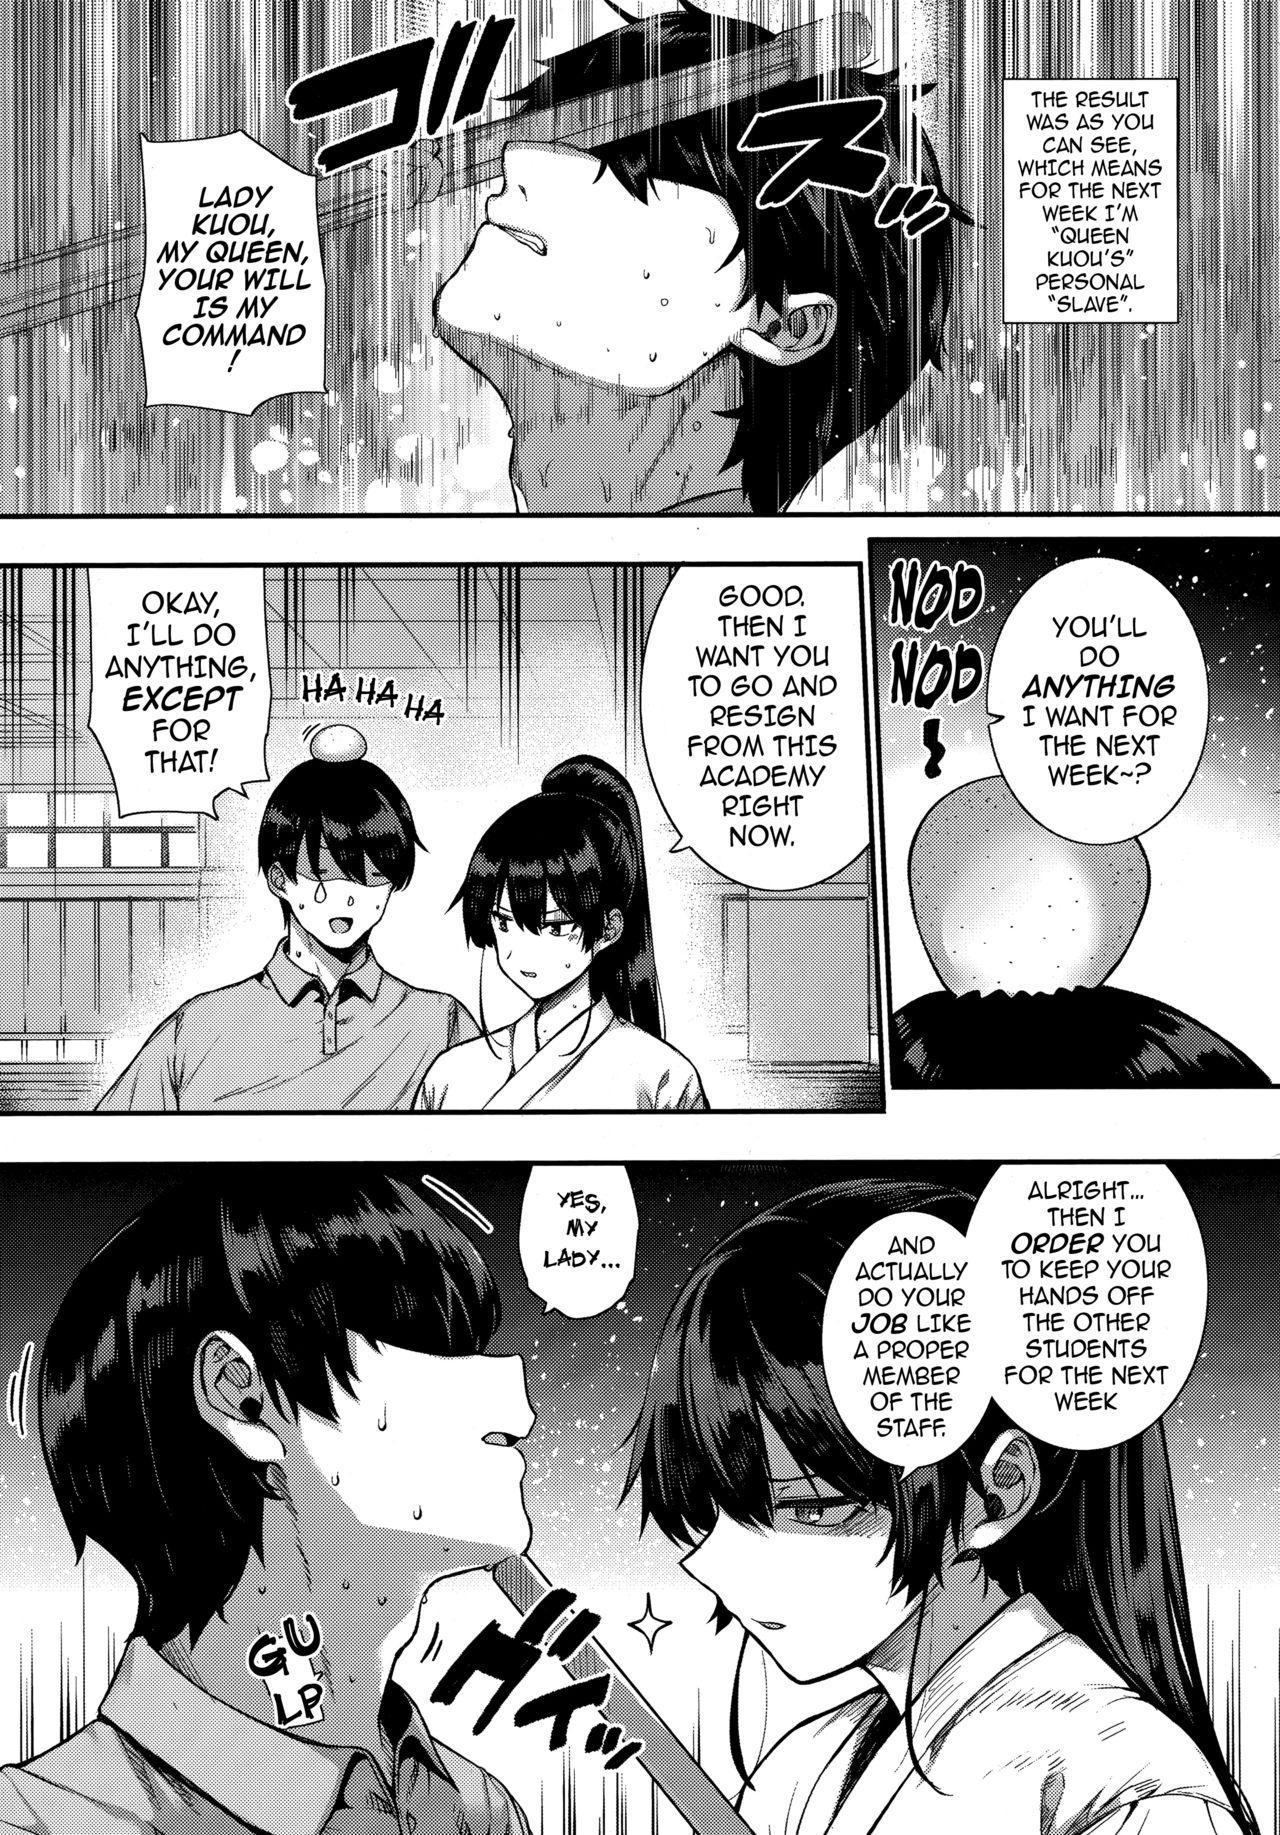 [Katsurai Yoshiaki] Amatsuka Gakuen no Ryoukan Seikatsu | Angel Academy's Hardcore Dorm Sex Life 1-2, 3.5-5 [English] {darknight} [Digital] 126